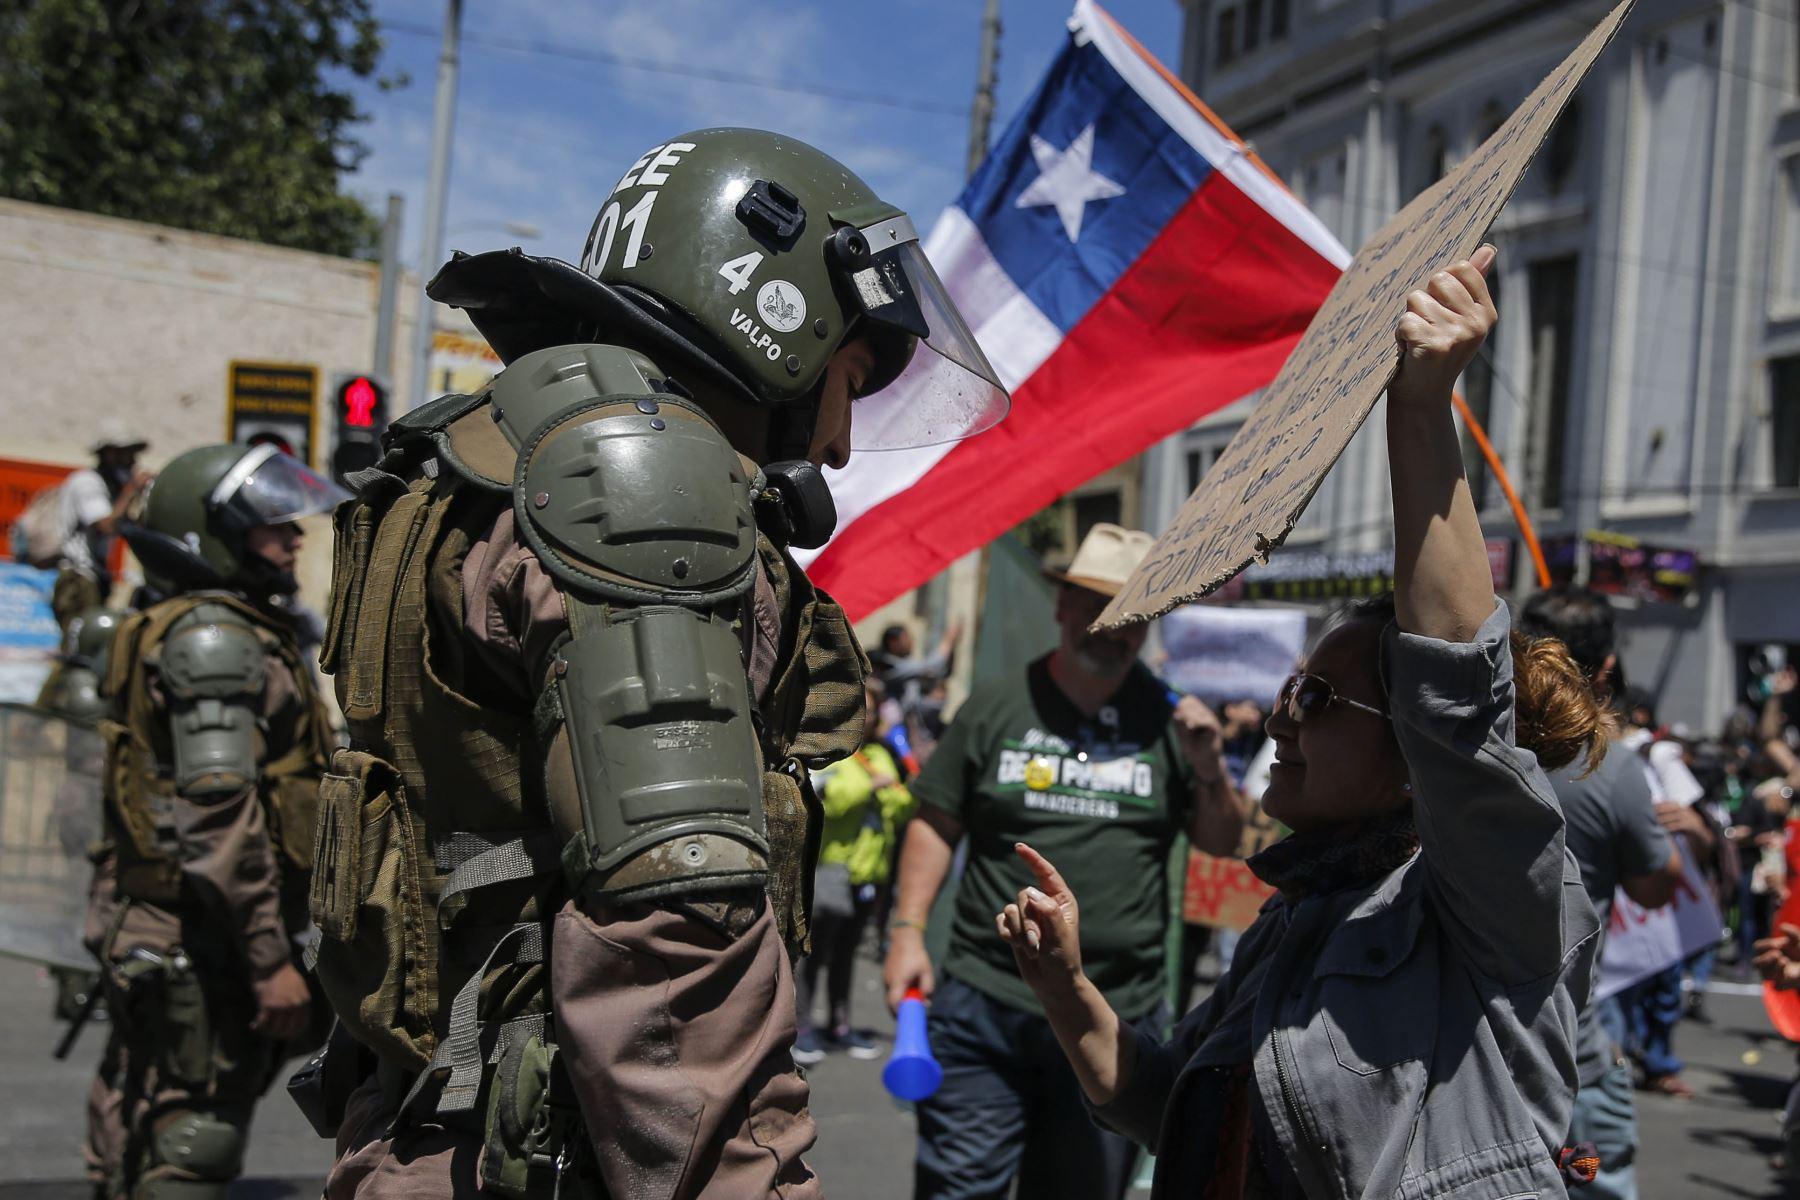 Una manifestante dialoga con un policía antidisturbios en Valparaíso en el quinto día consecutivo de protestas contra una subida ahora suspendida en los precios de los boletos del metro. Foto: AFP